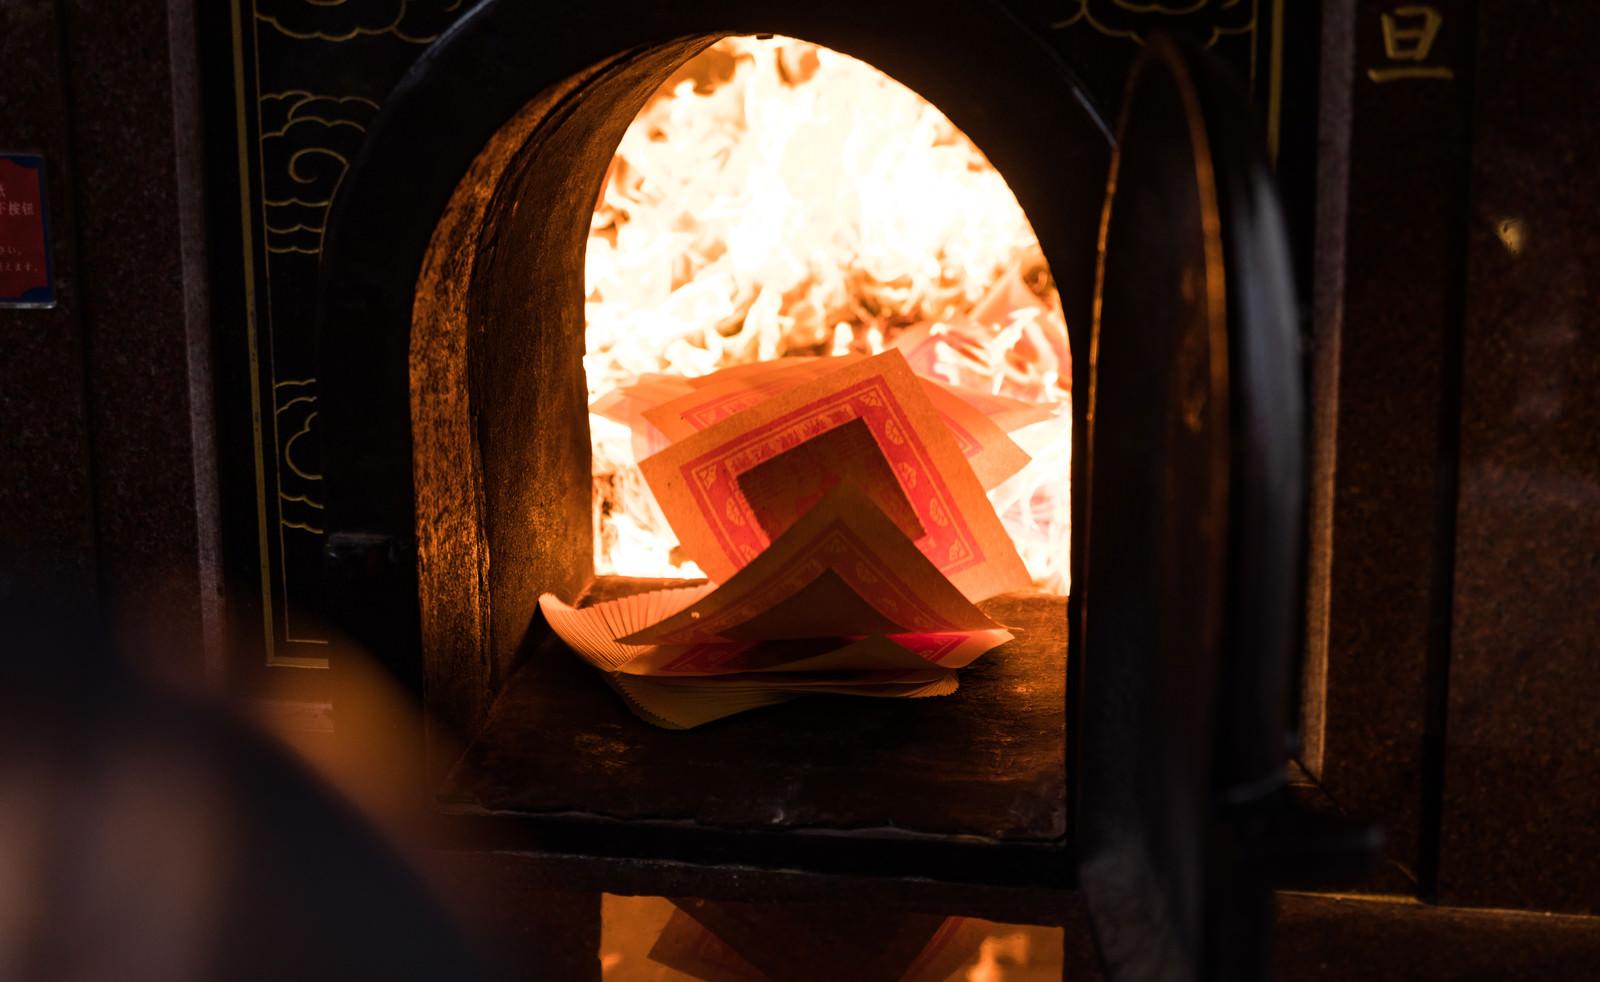 「金紙を焚き上げ」の写真